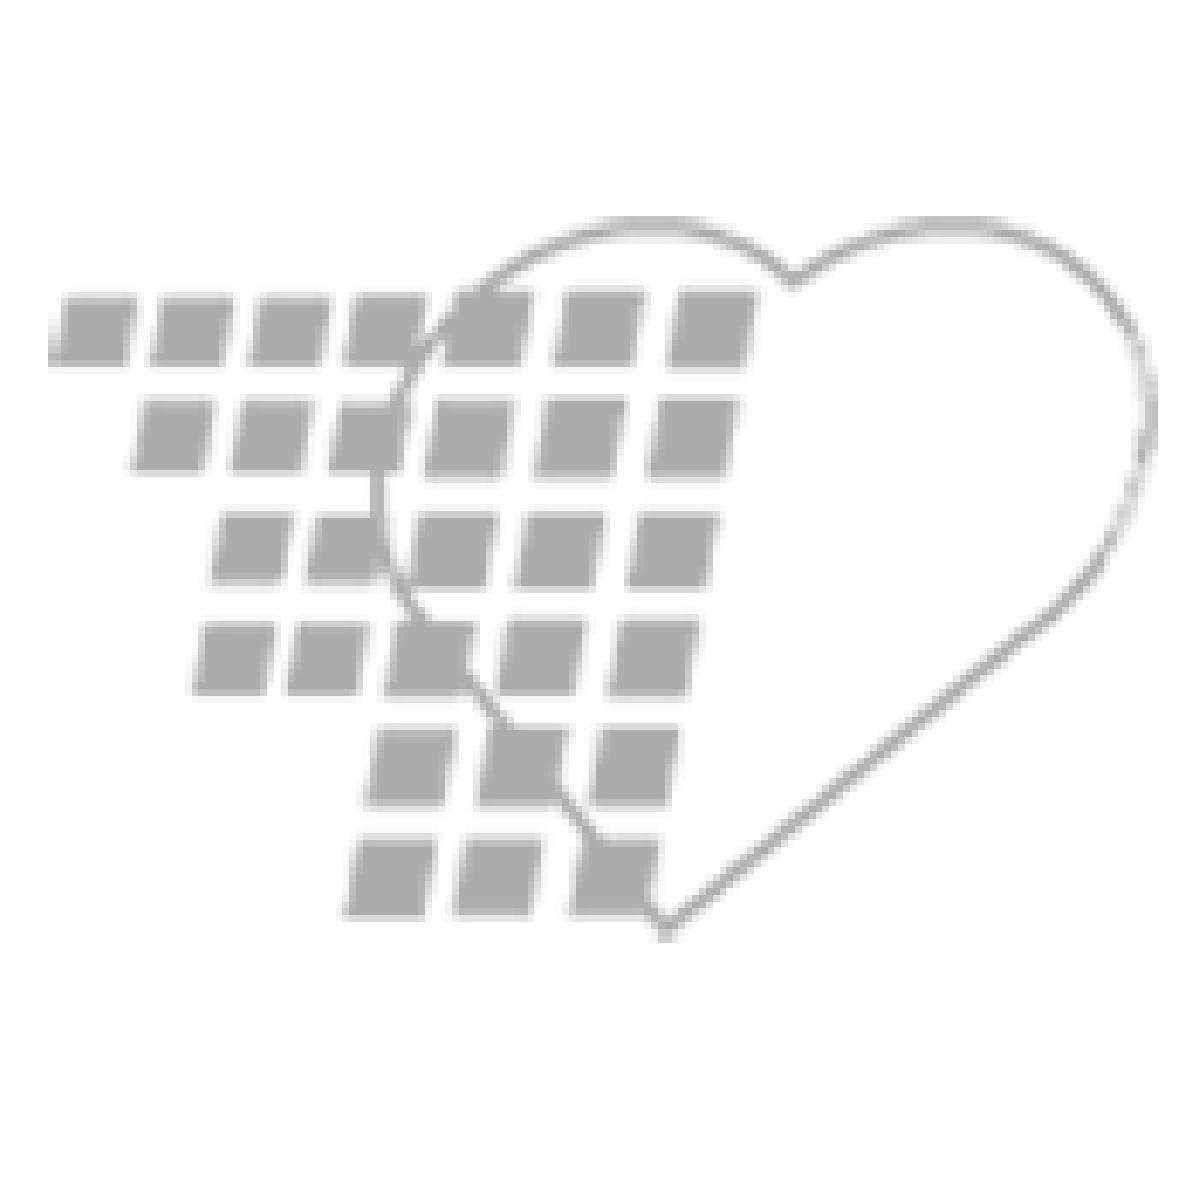 07-07-1008 - Guardian Ring Bracket Extended for Regulator